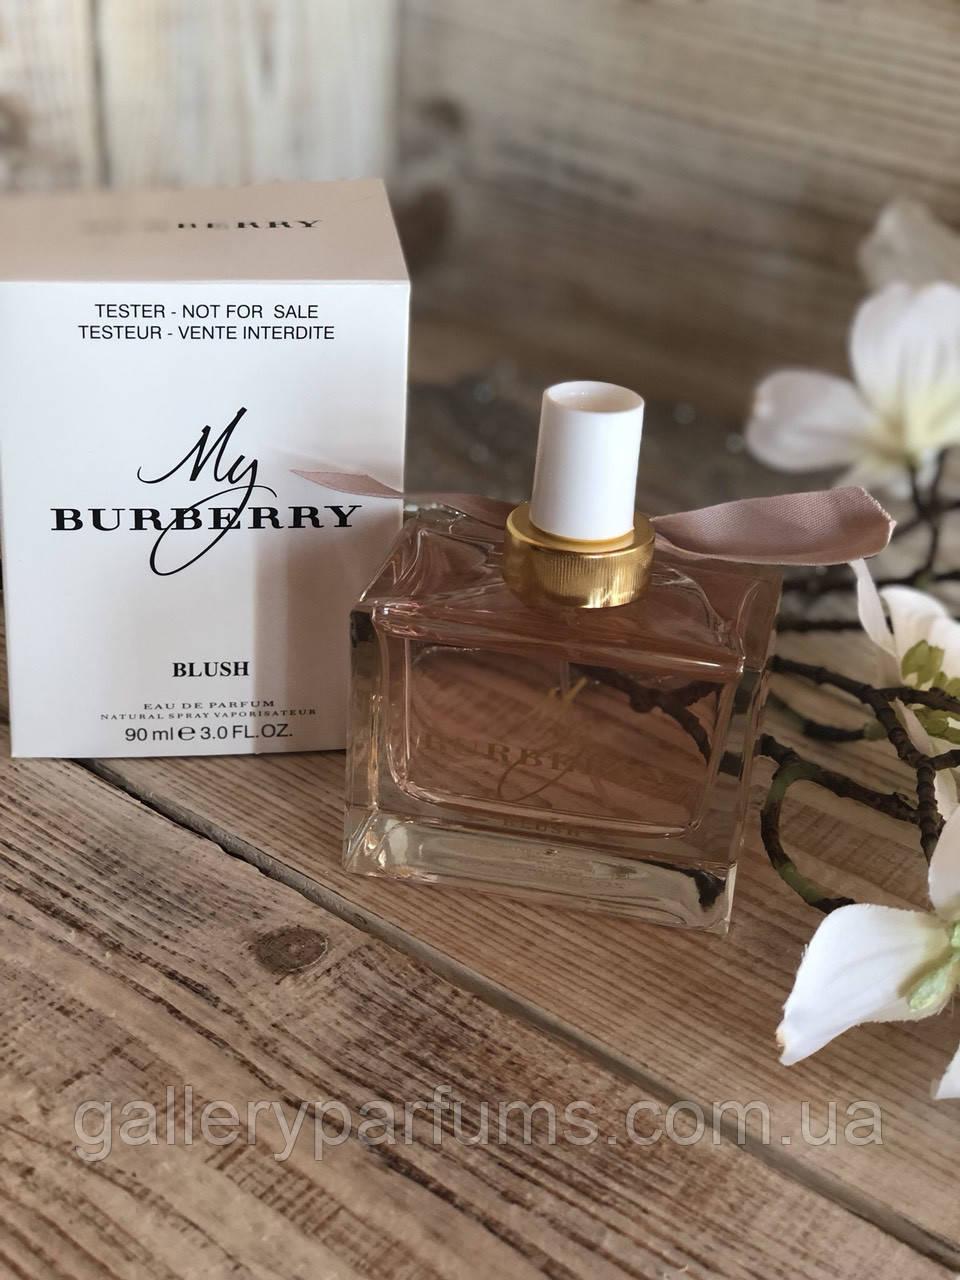 Купить Духи Тестер Burberry My Burberry Blush Eau De Parfum 90ml. в ... 1146a50600cab